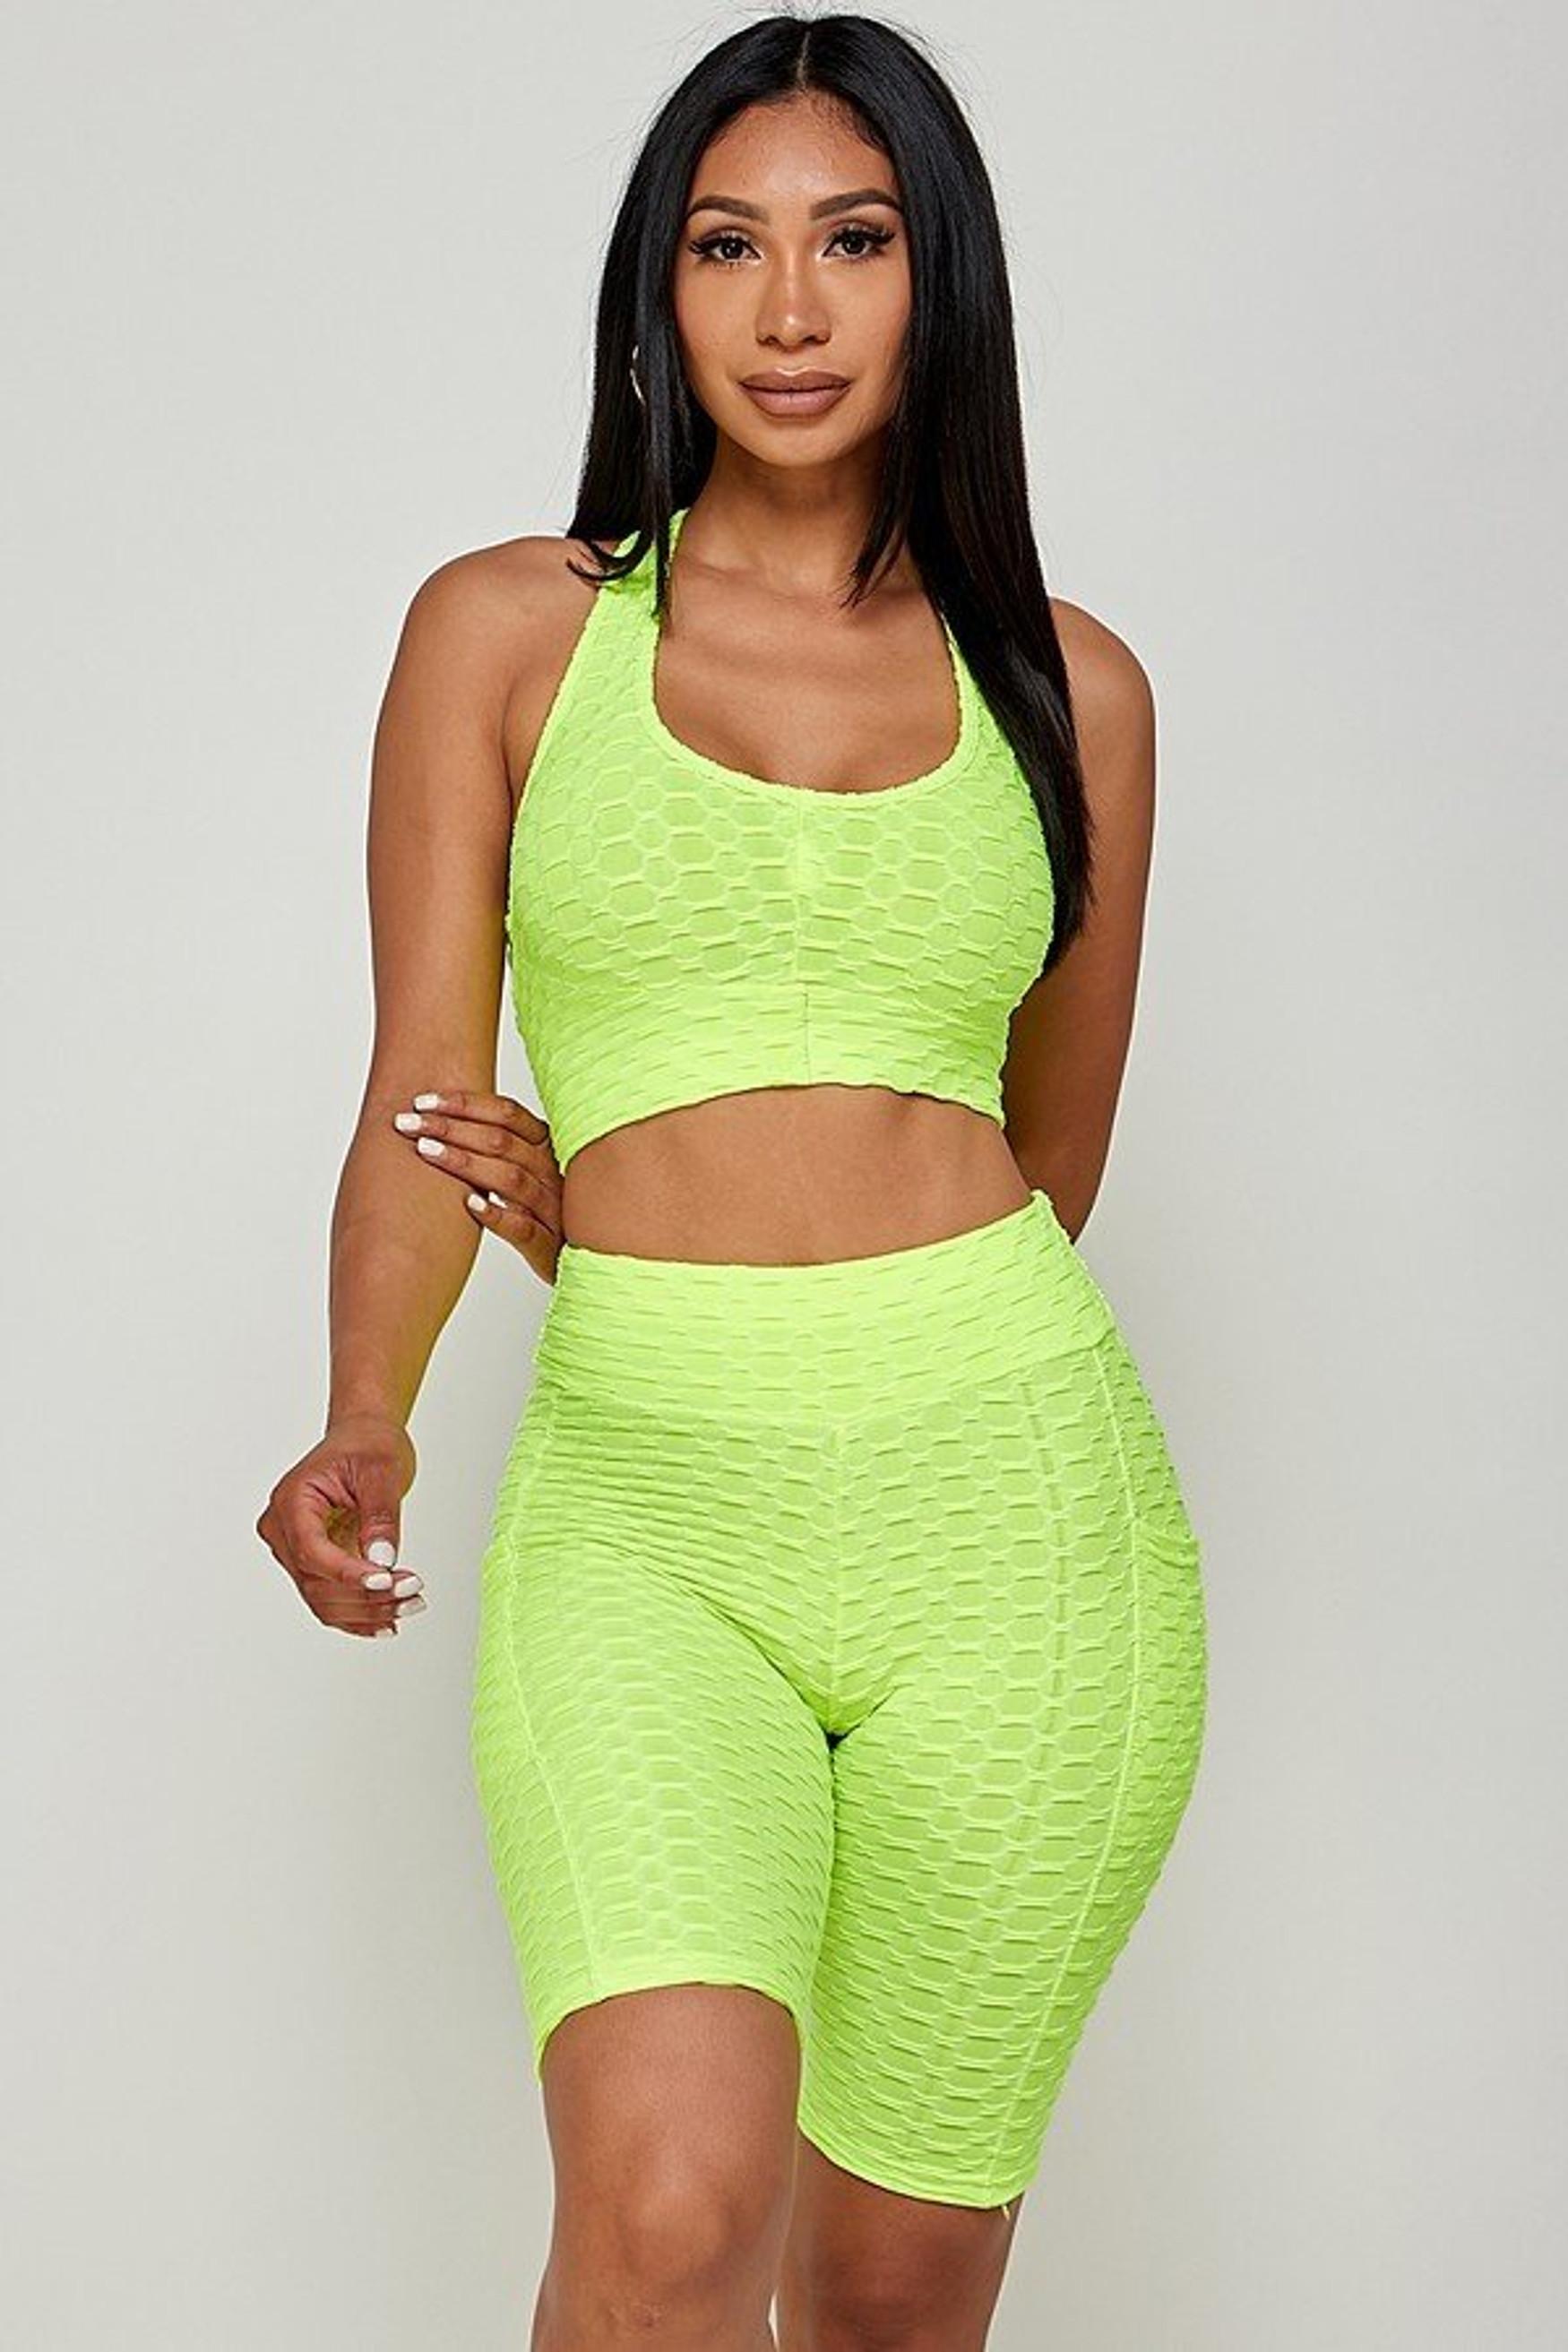 Neon Green 2 Piece Scrunch Butt Biker Shorts and Crisscross Crop Top Set